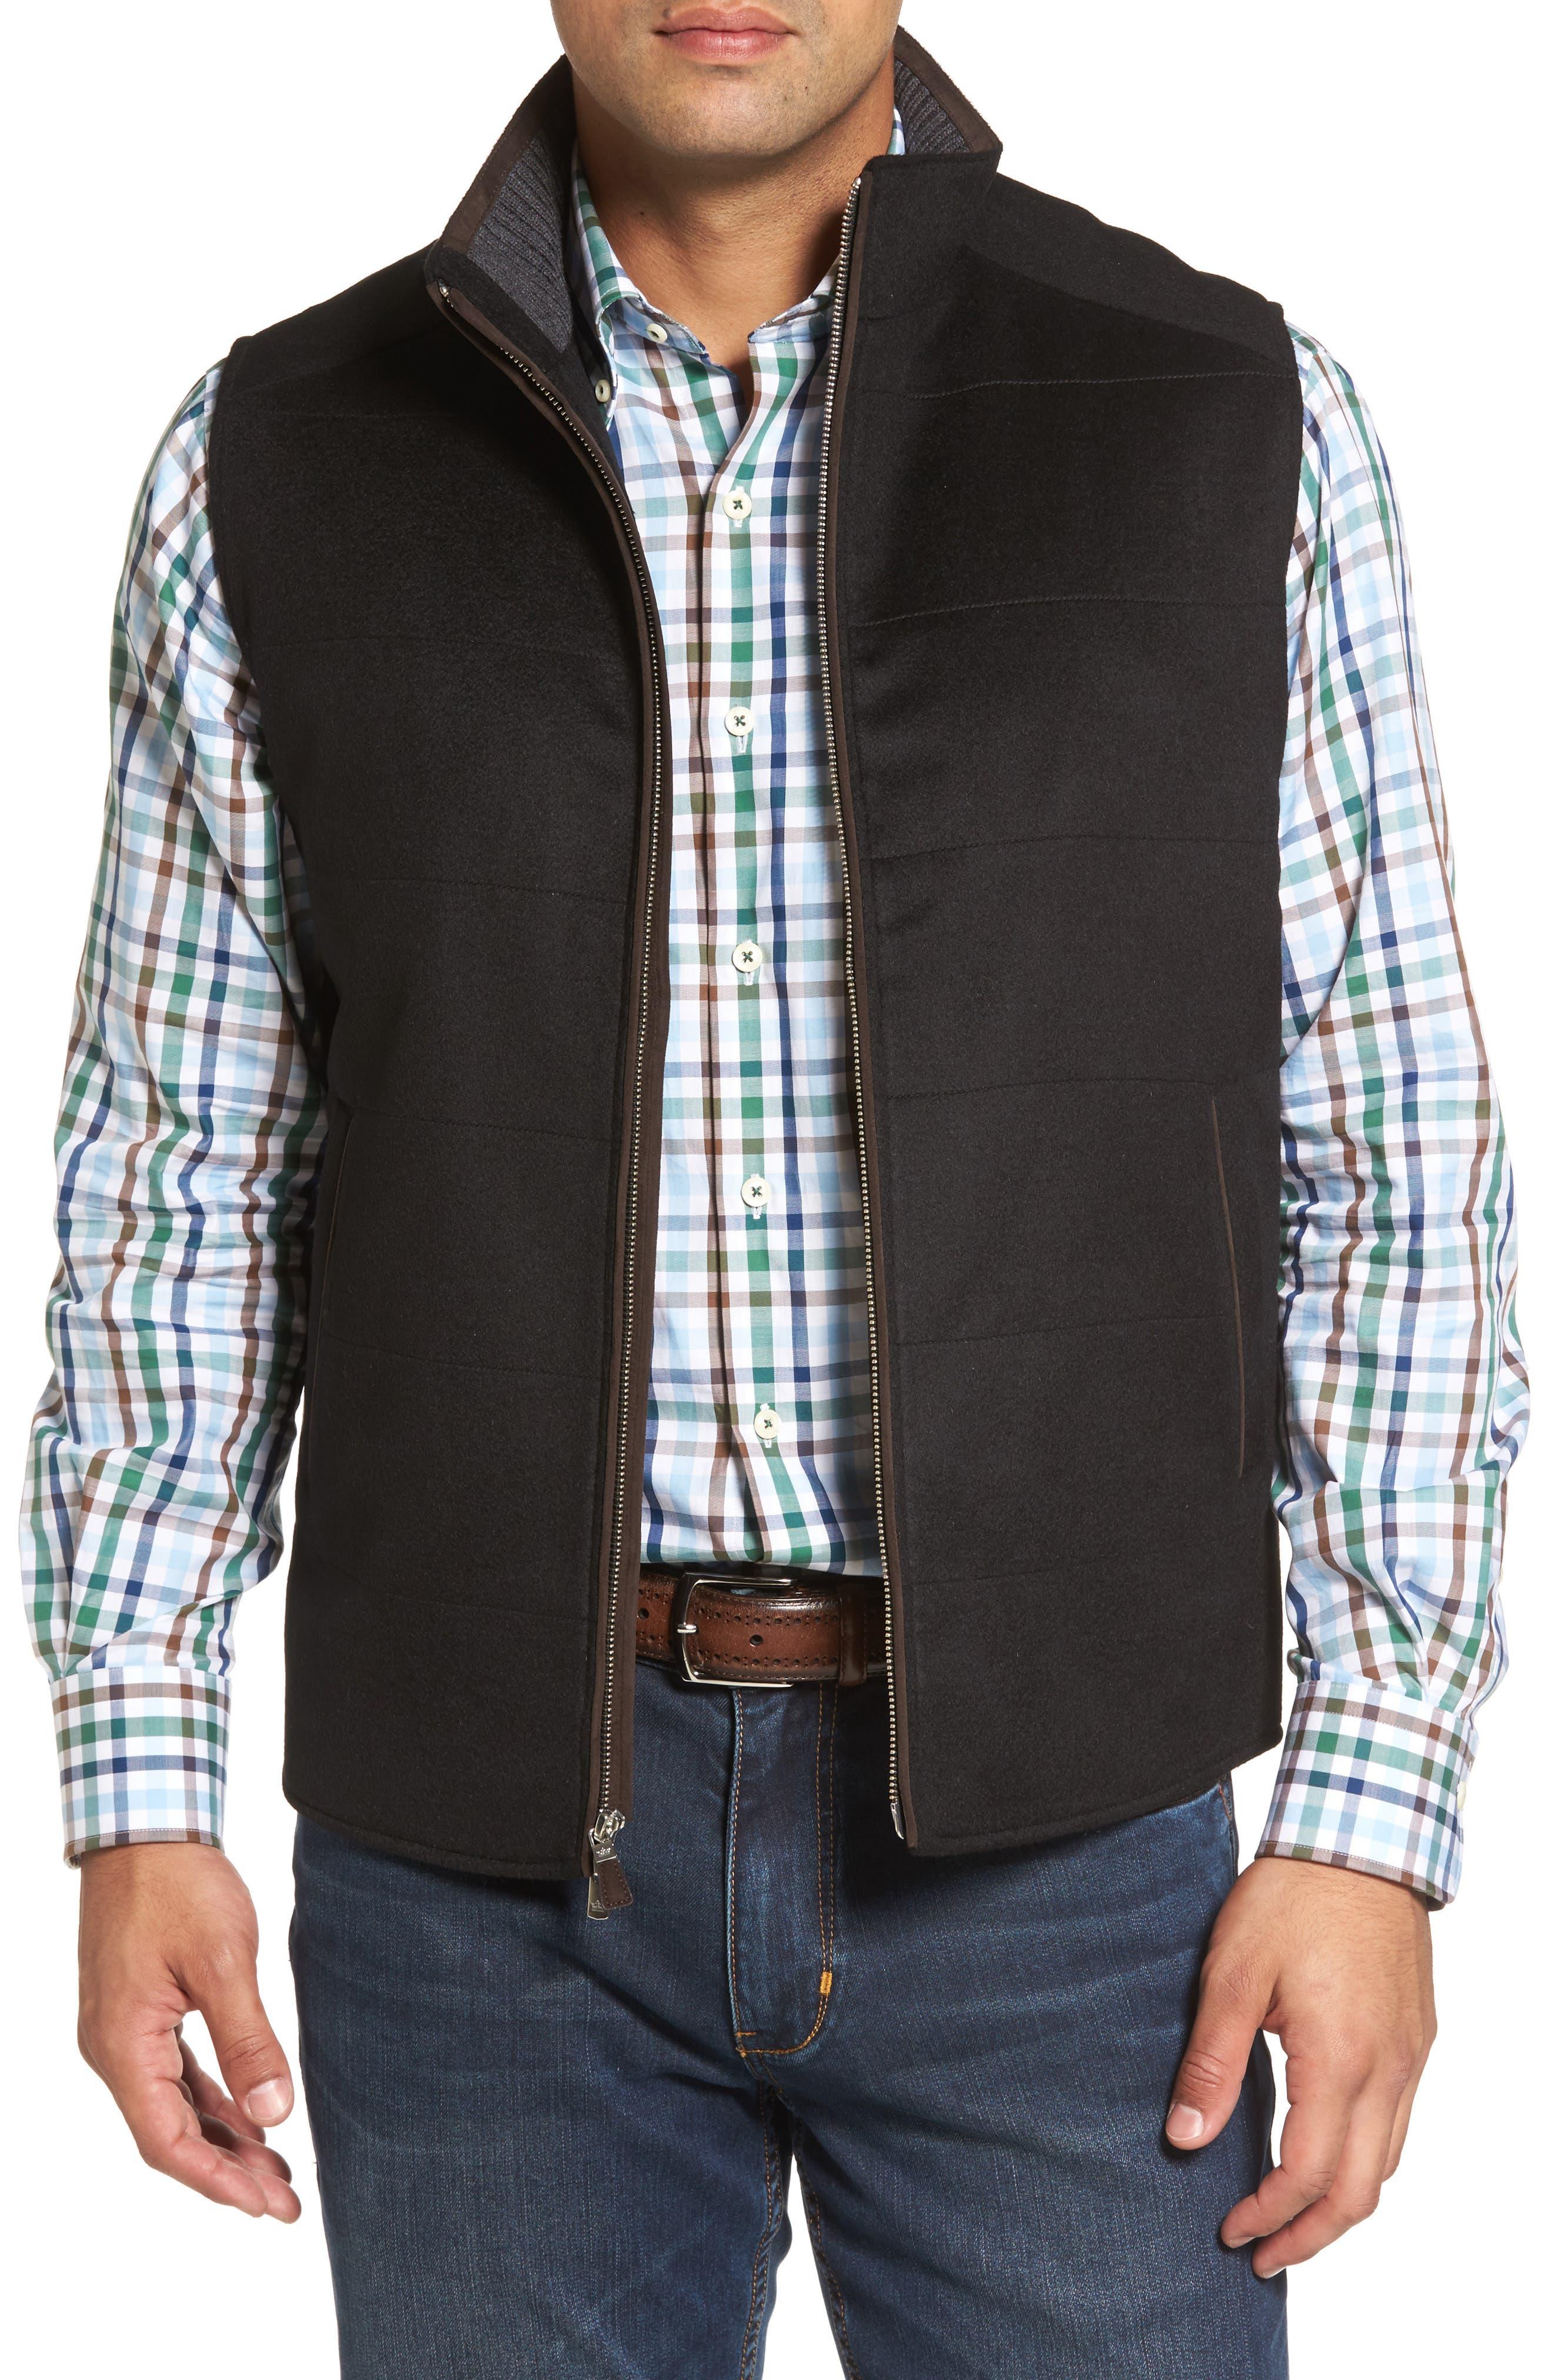 Crown Darien Wool & Cashmere Vest,                             Main thumbnail 1, color,                             Black